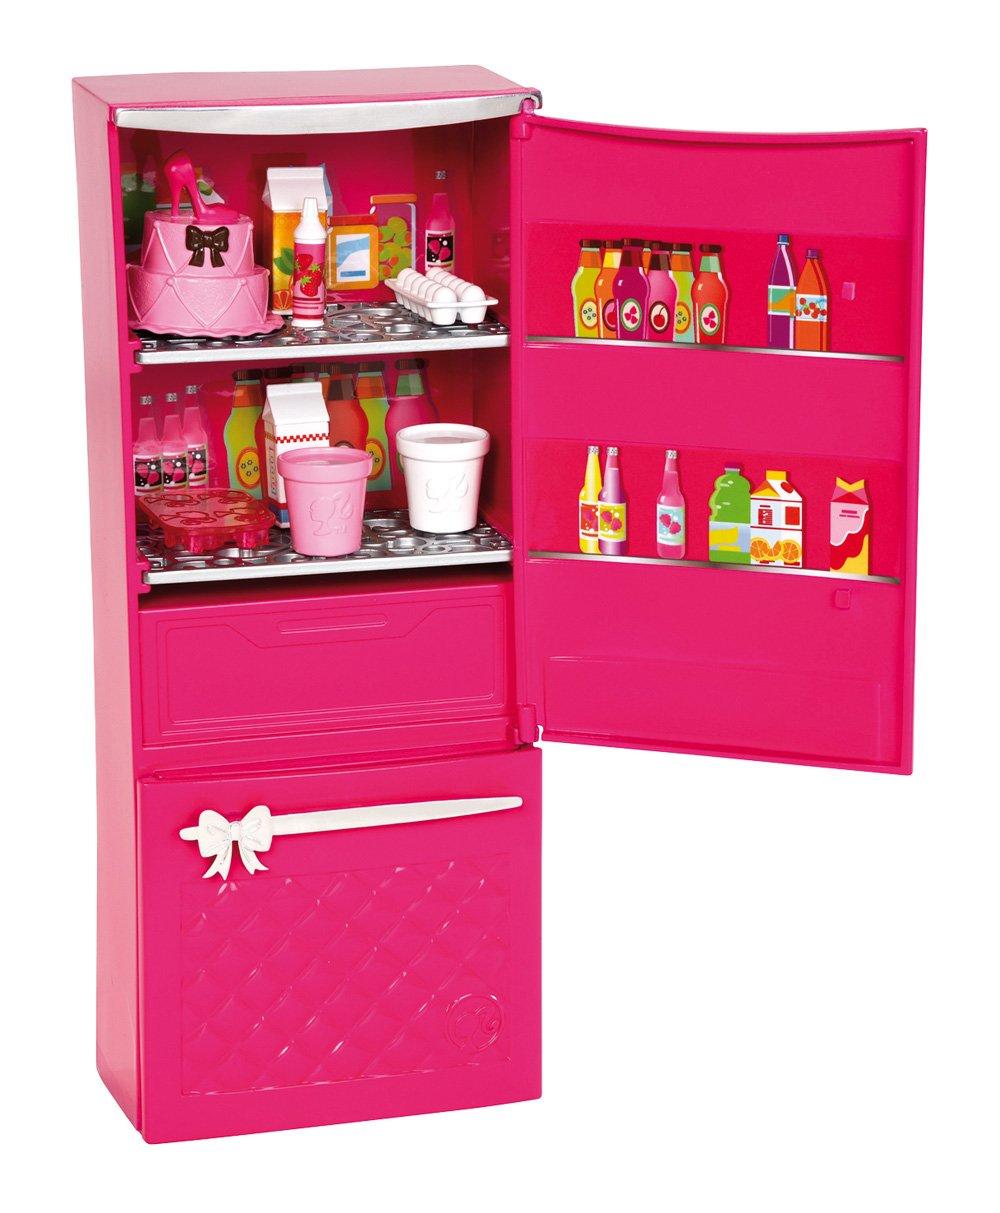 Mattel Barbie X7937 - Möbel Sortiment Kühlschrank, befüllt: Amazon ...